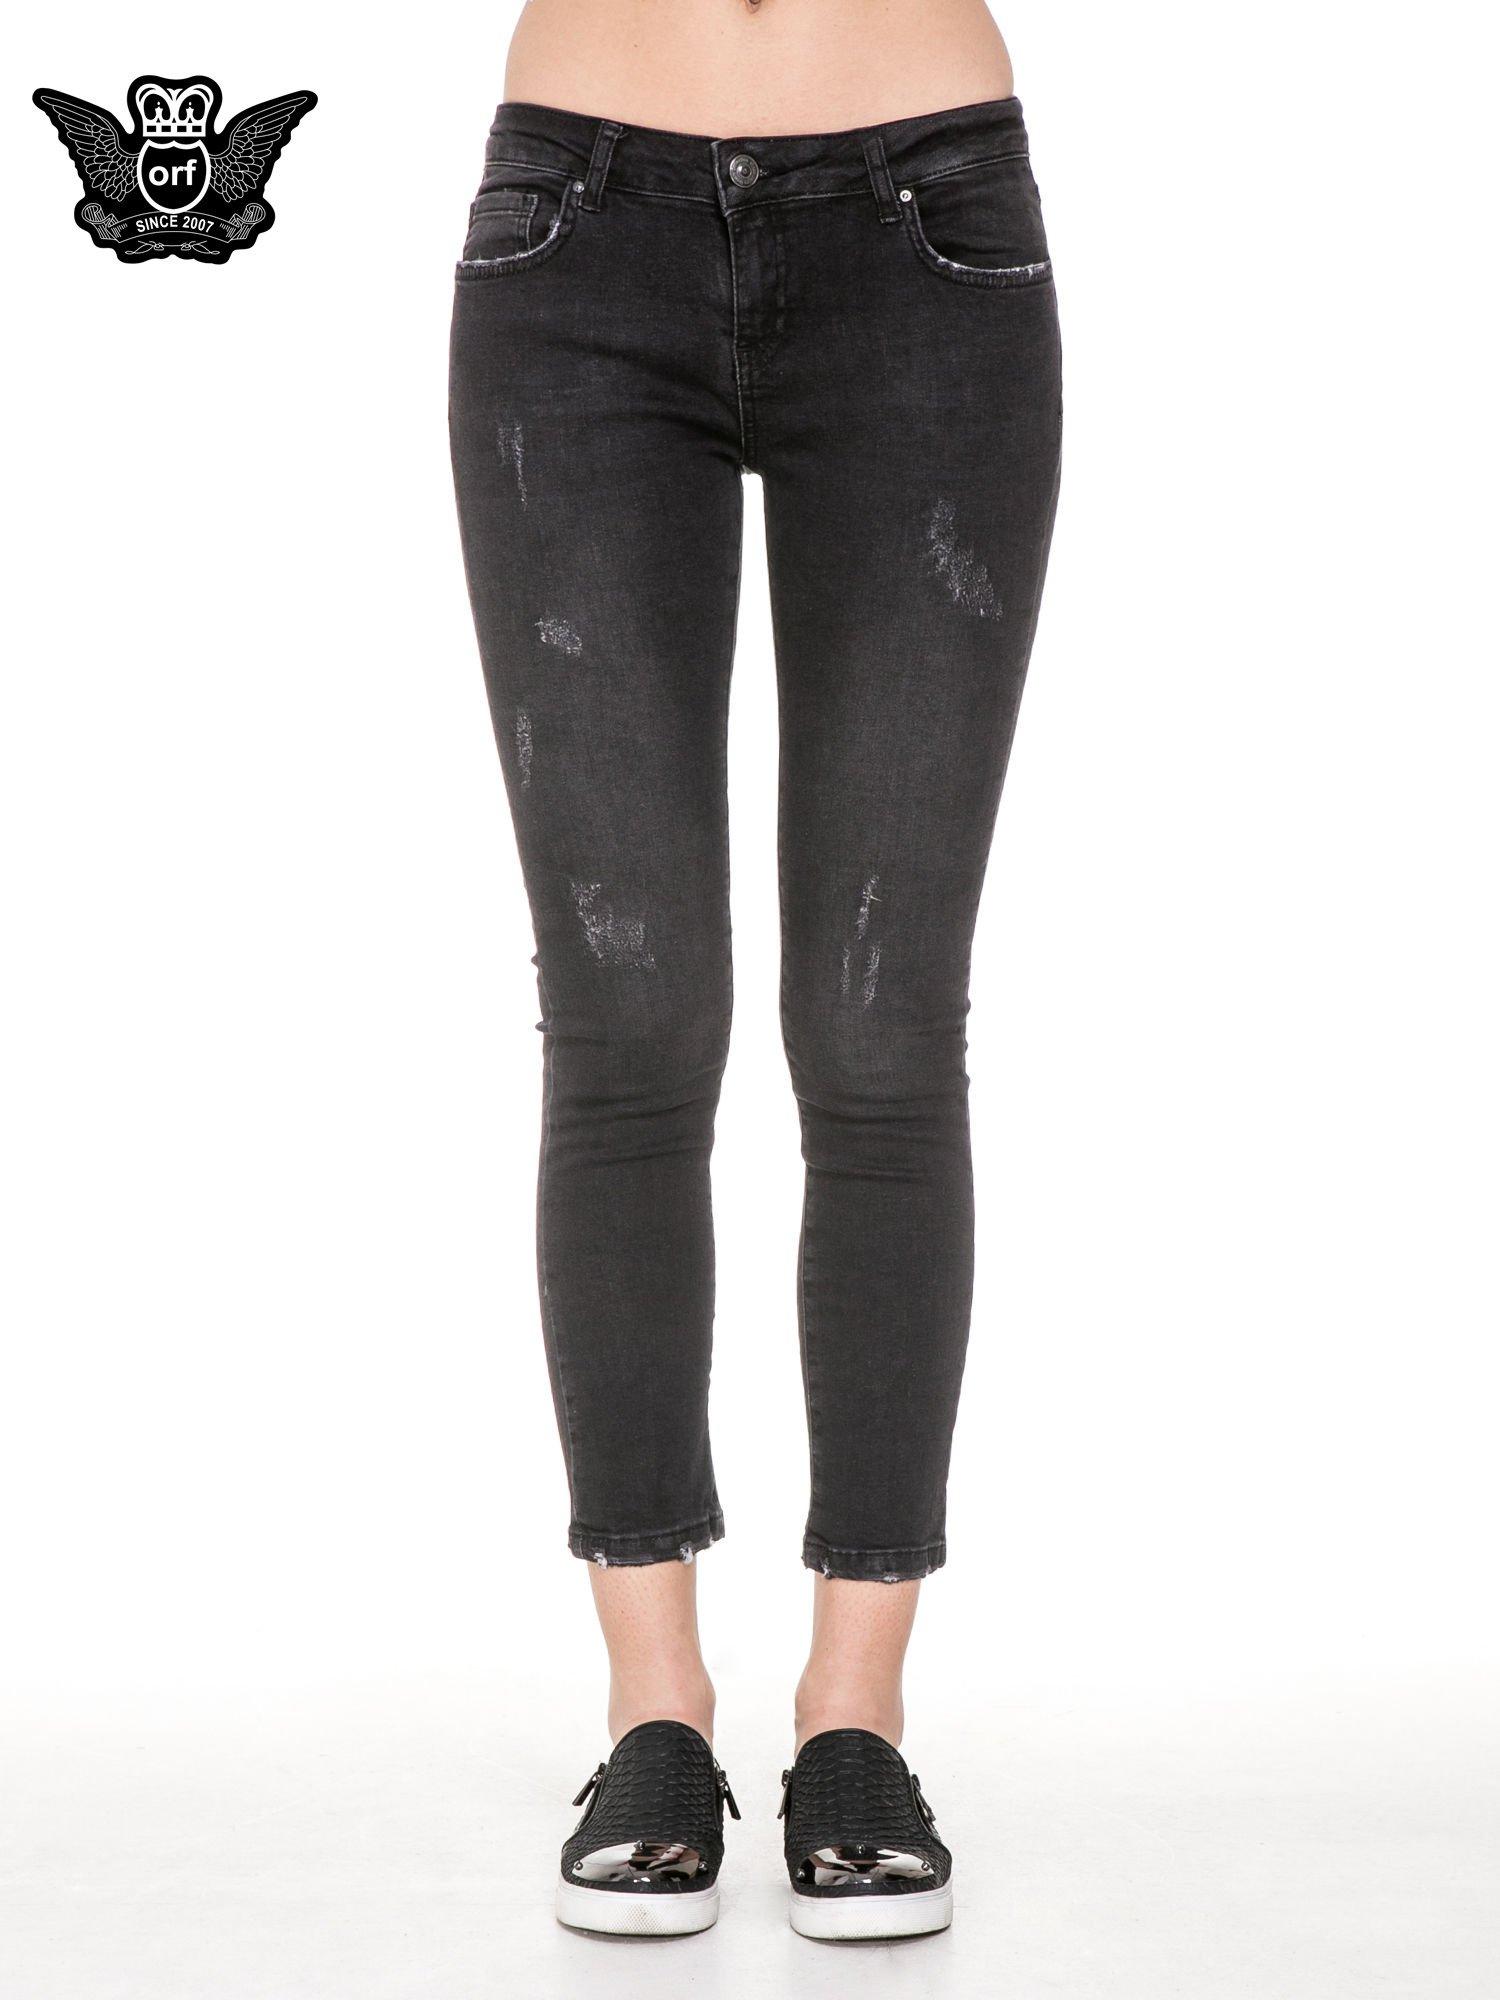 Czarne rozjaśniane spodnie jeansowe 7/8 z przetarciami                                  zdj.                                  5